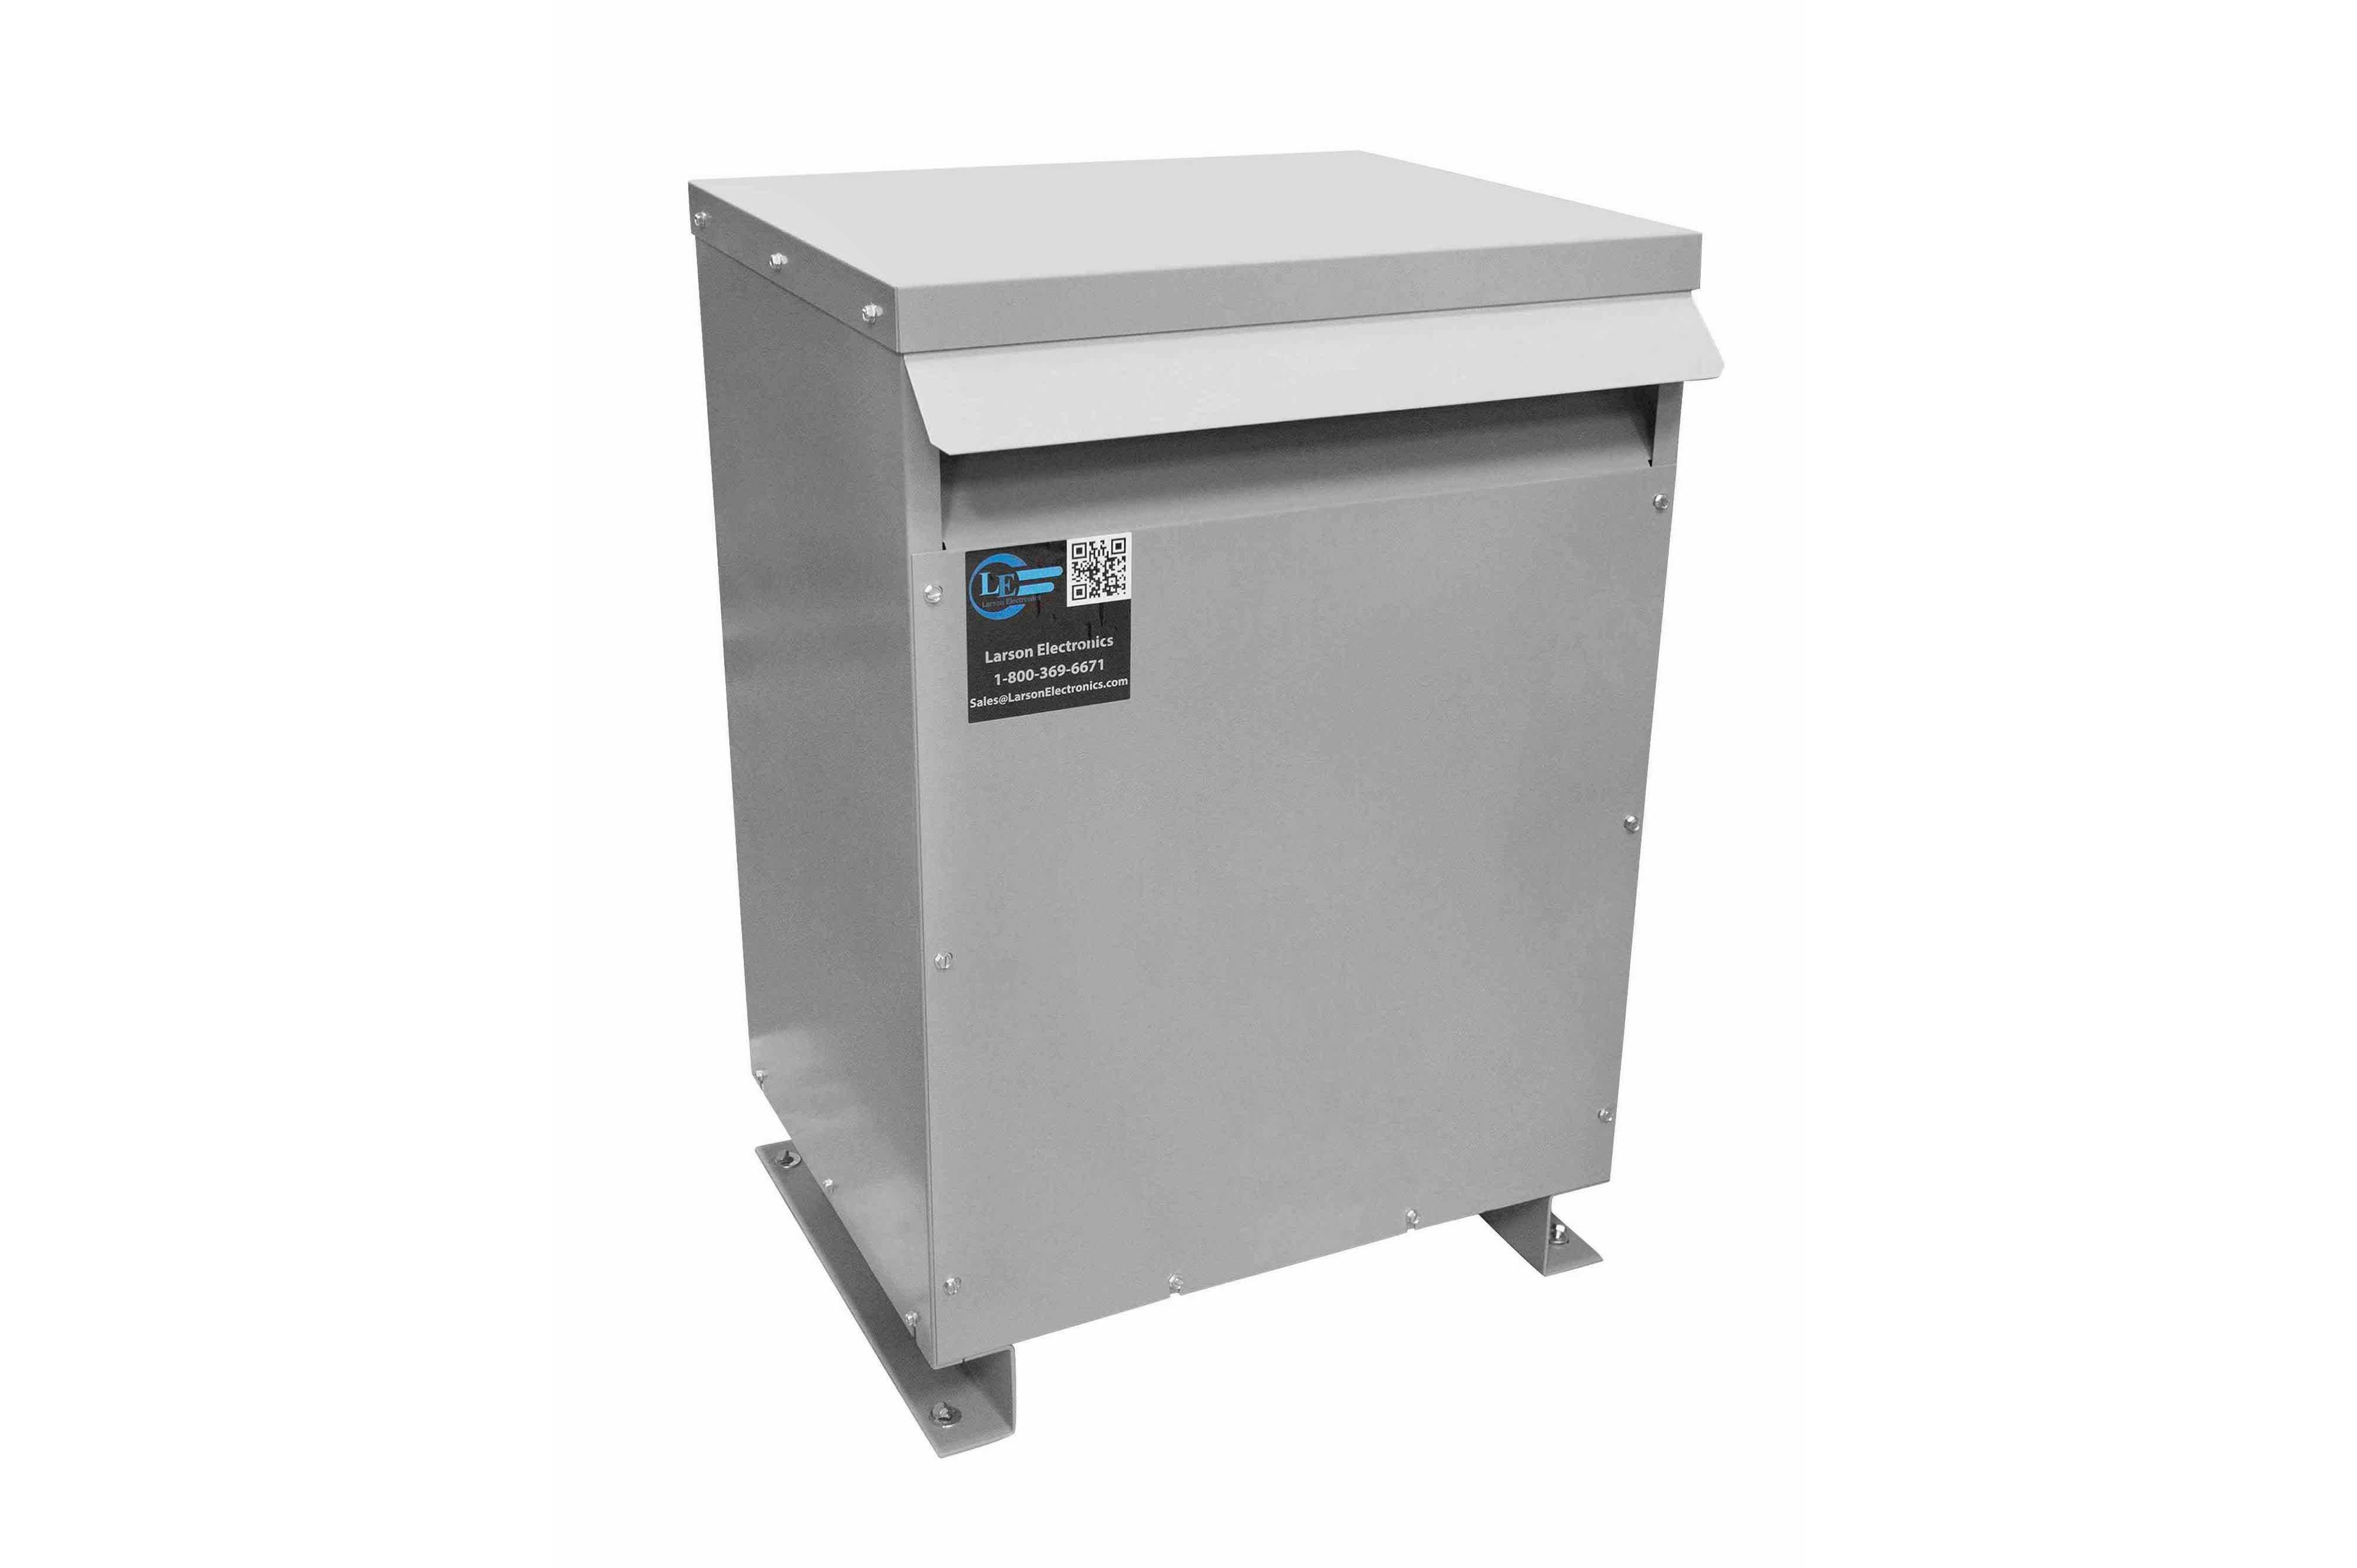 37.5 kVA 3PH Isolation Transformer, 480V Delta Primary, 575V Delta Secondary, N3R, Ventilated, 60 Hz